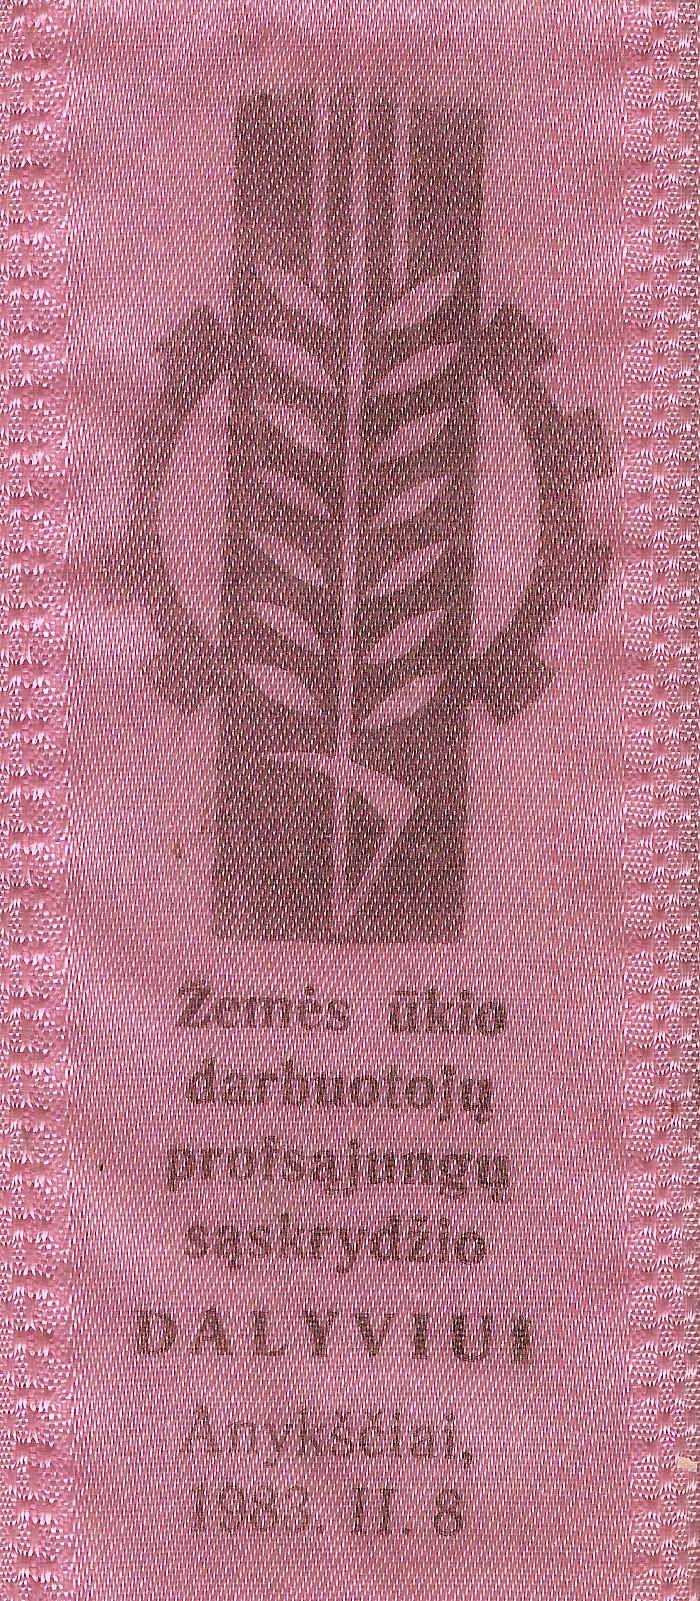 Žemės ūkio darbuotojų profsąjungų sąskrydis